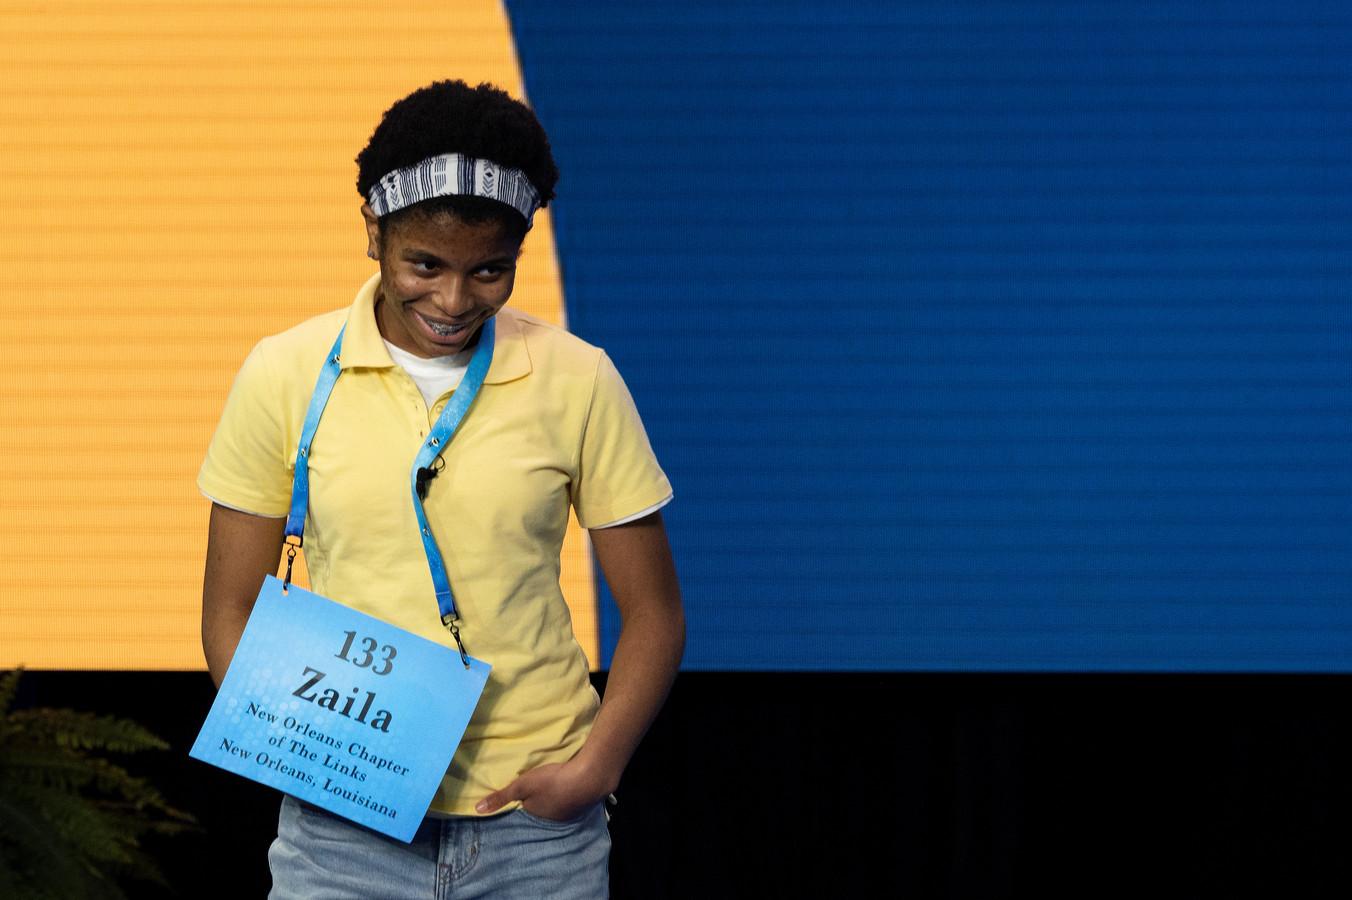 """Hoewel Zaila spellen louter als een """"hobby"""" beschouwt, oefende ze maar liefst zeven uur per dag voor de wedstrijd."""